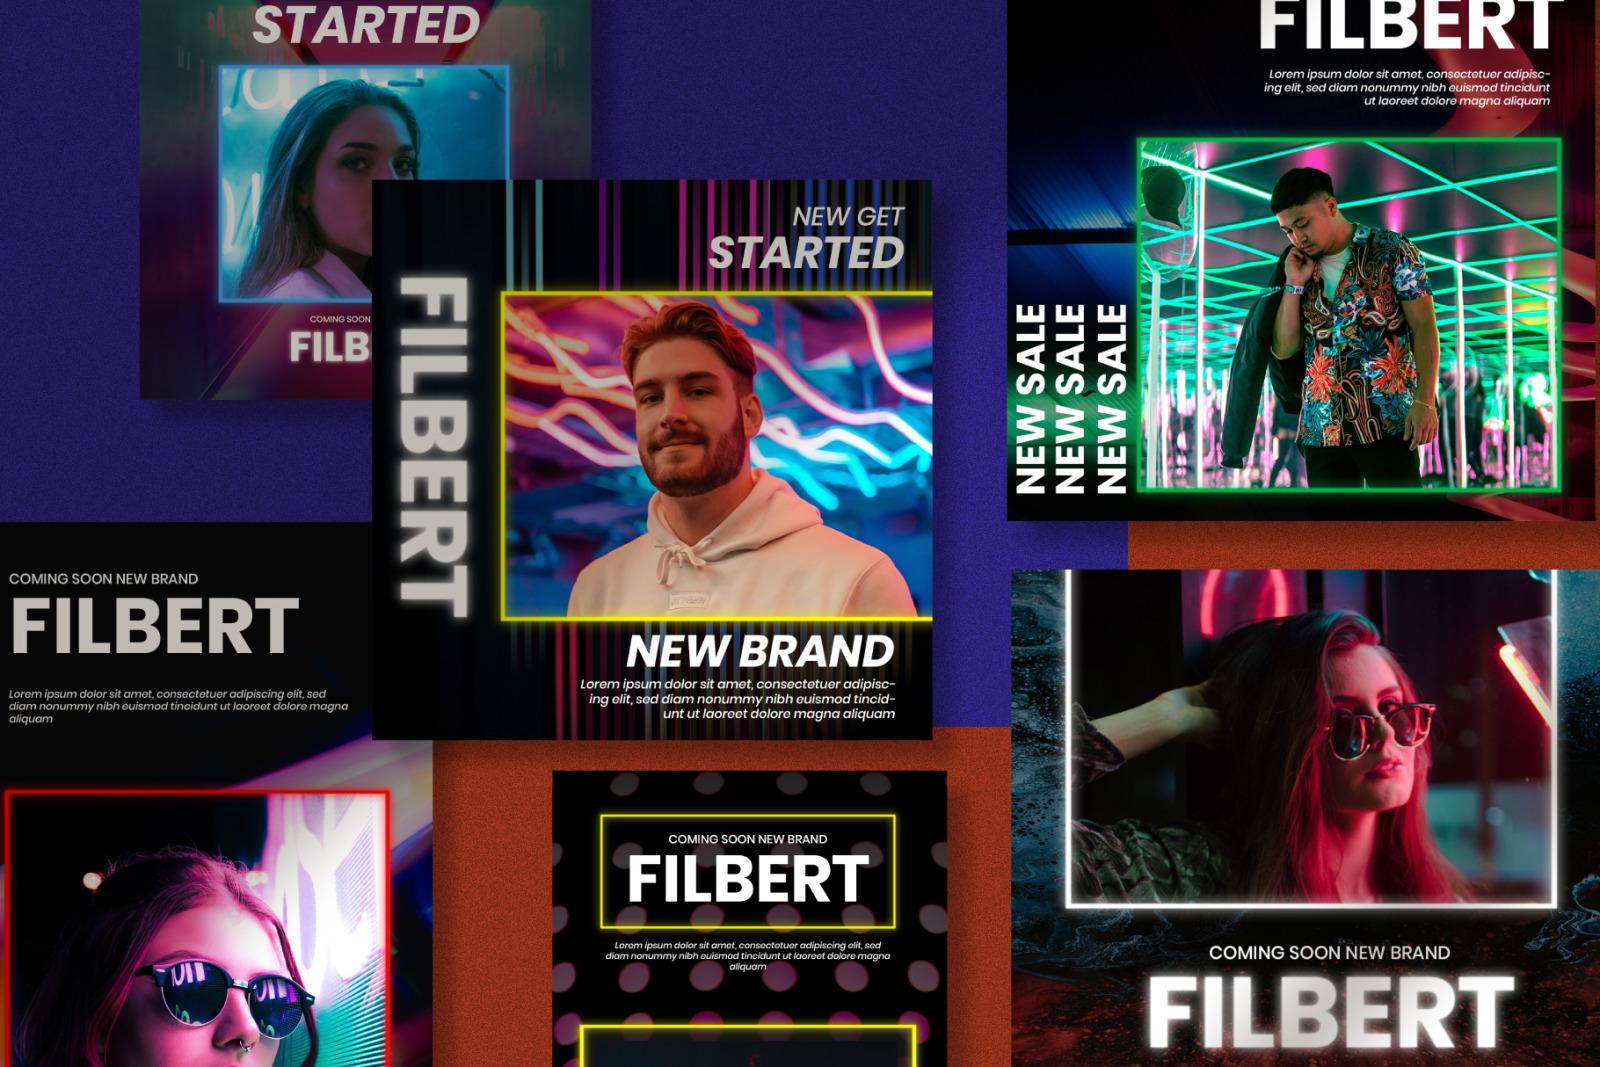 Filbert Instagram Post Stories